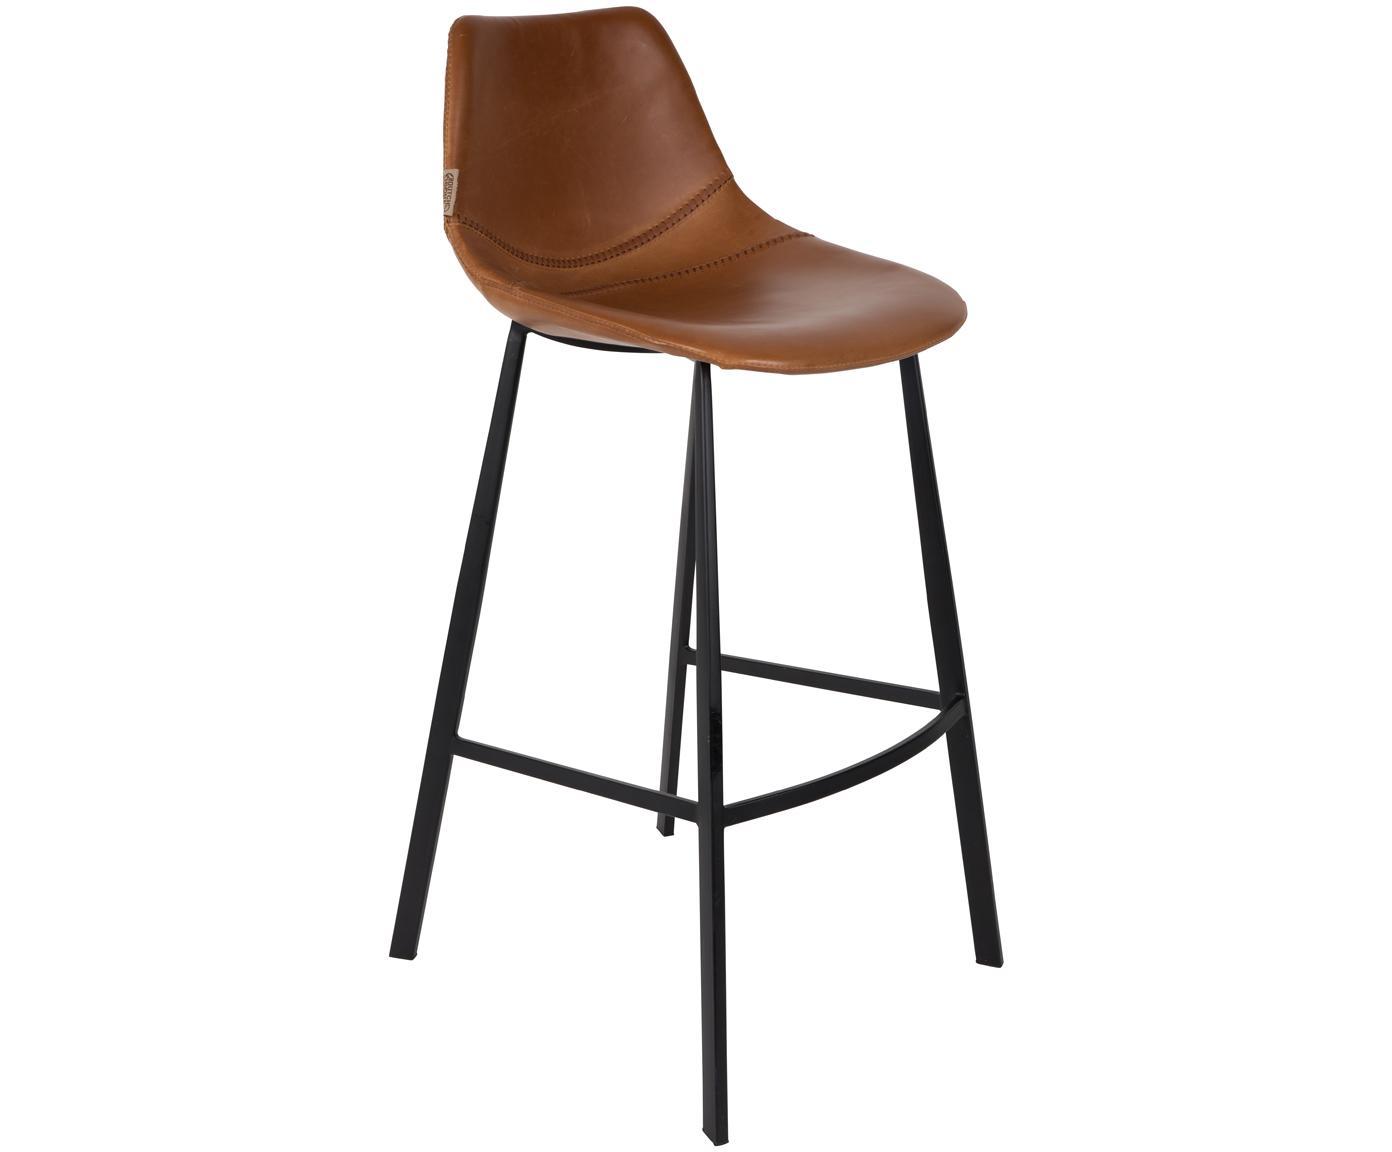 Kunstleder-Barstuhl Franky, Bezug: Kunstleder (Polyurethan), Beine: Stahl, pulverbeschichtet, Beine: Schwarz<br>Bezug: Braun, 50 x 106 cm